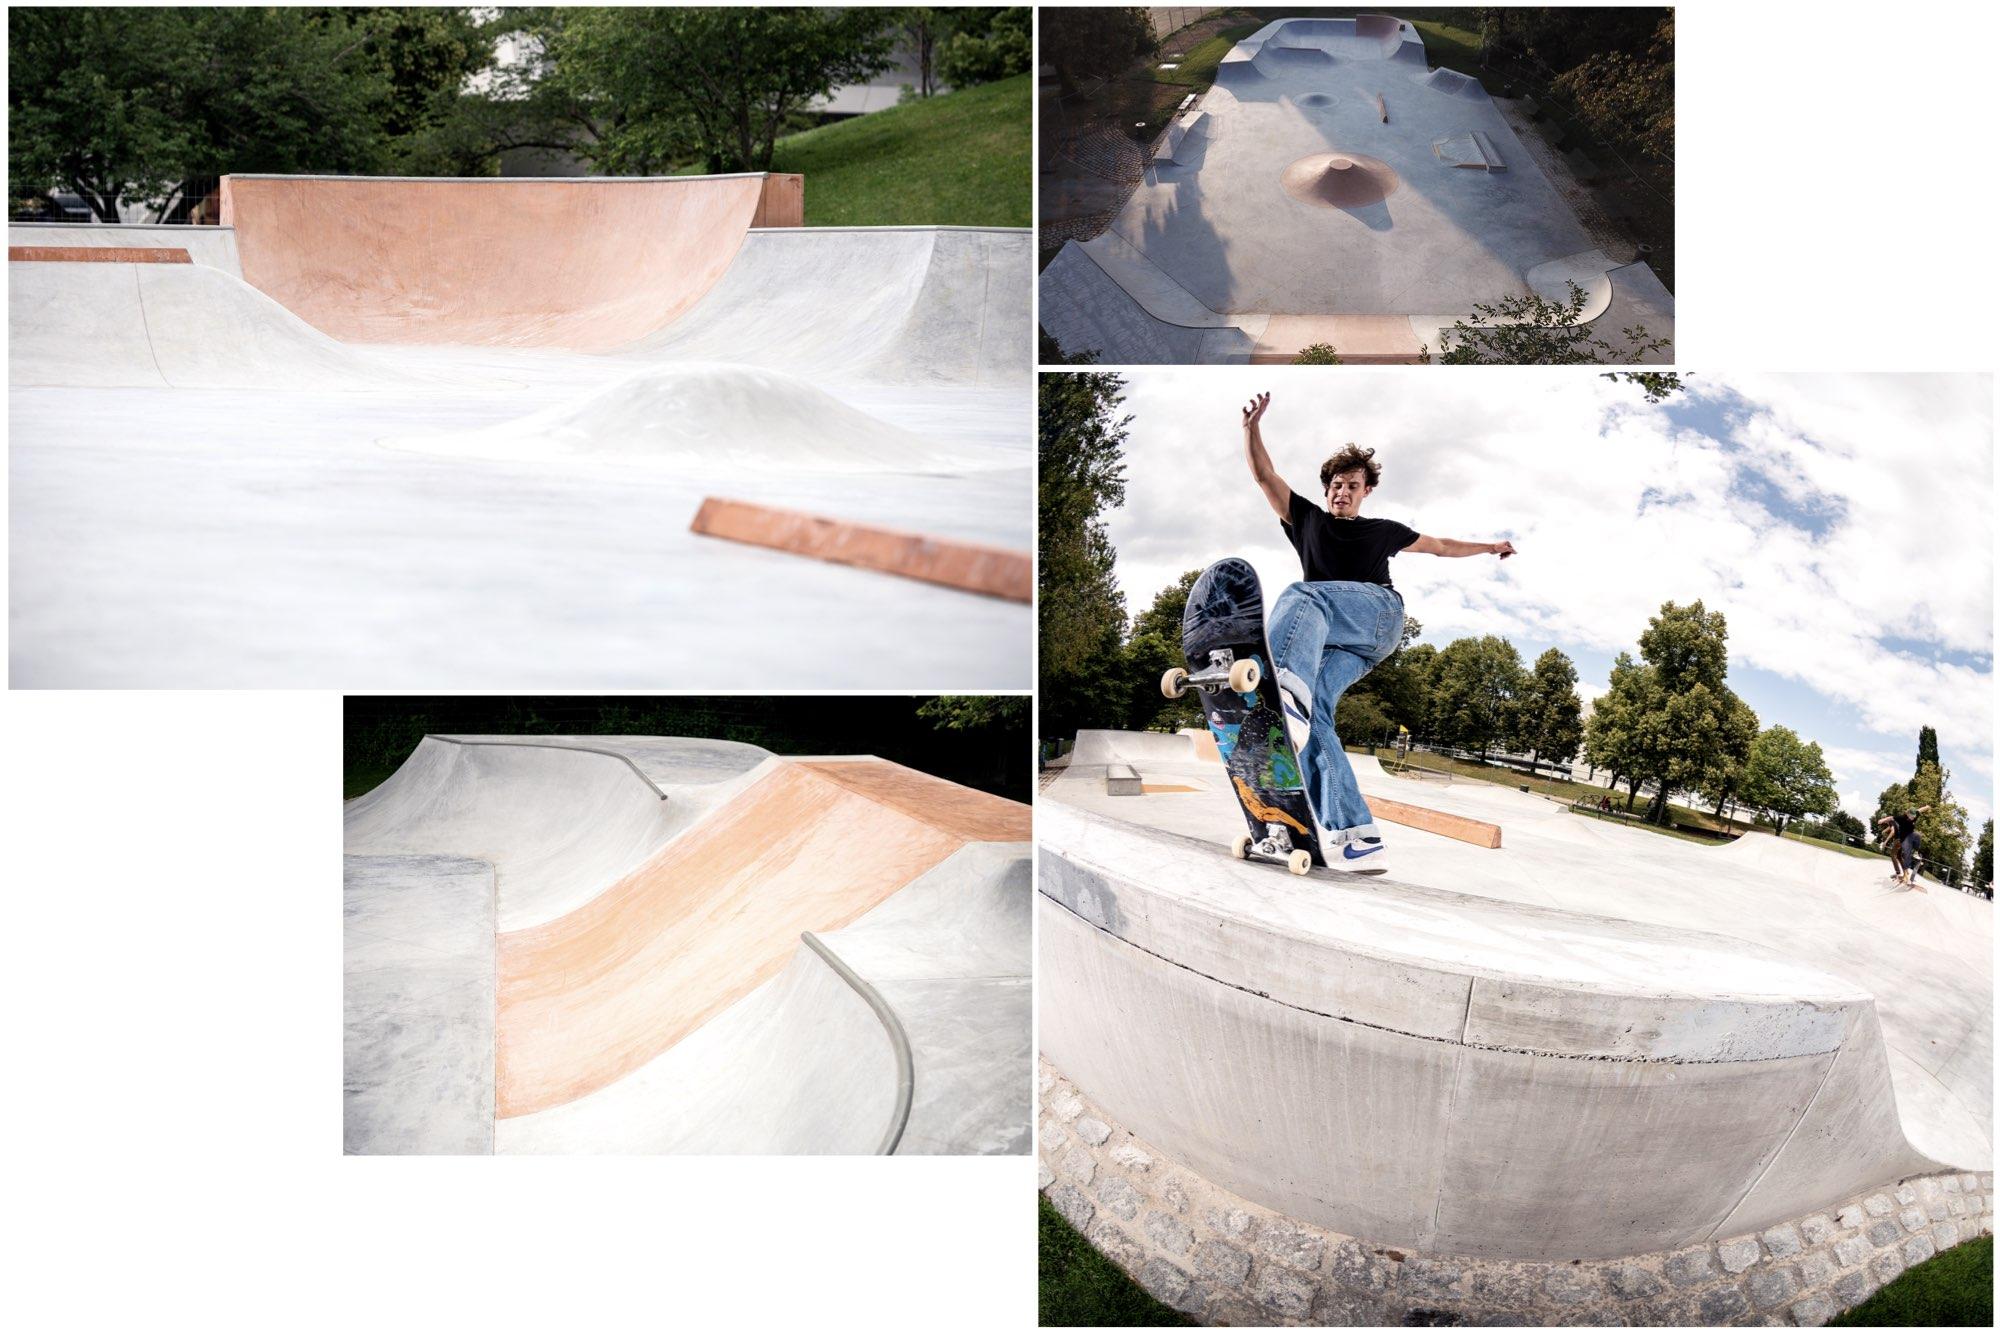 landskate_skatepark_planung_muenchen_stonepark_julian-geissinger